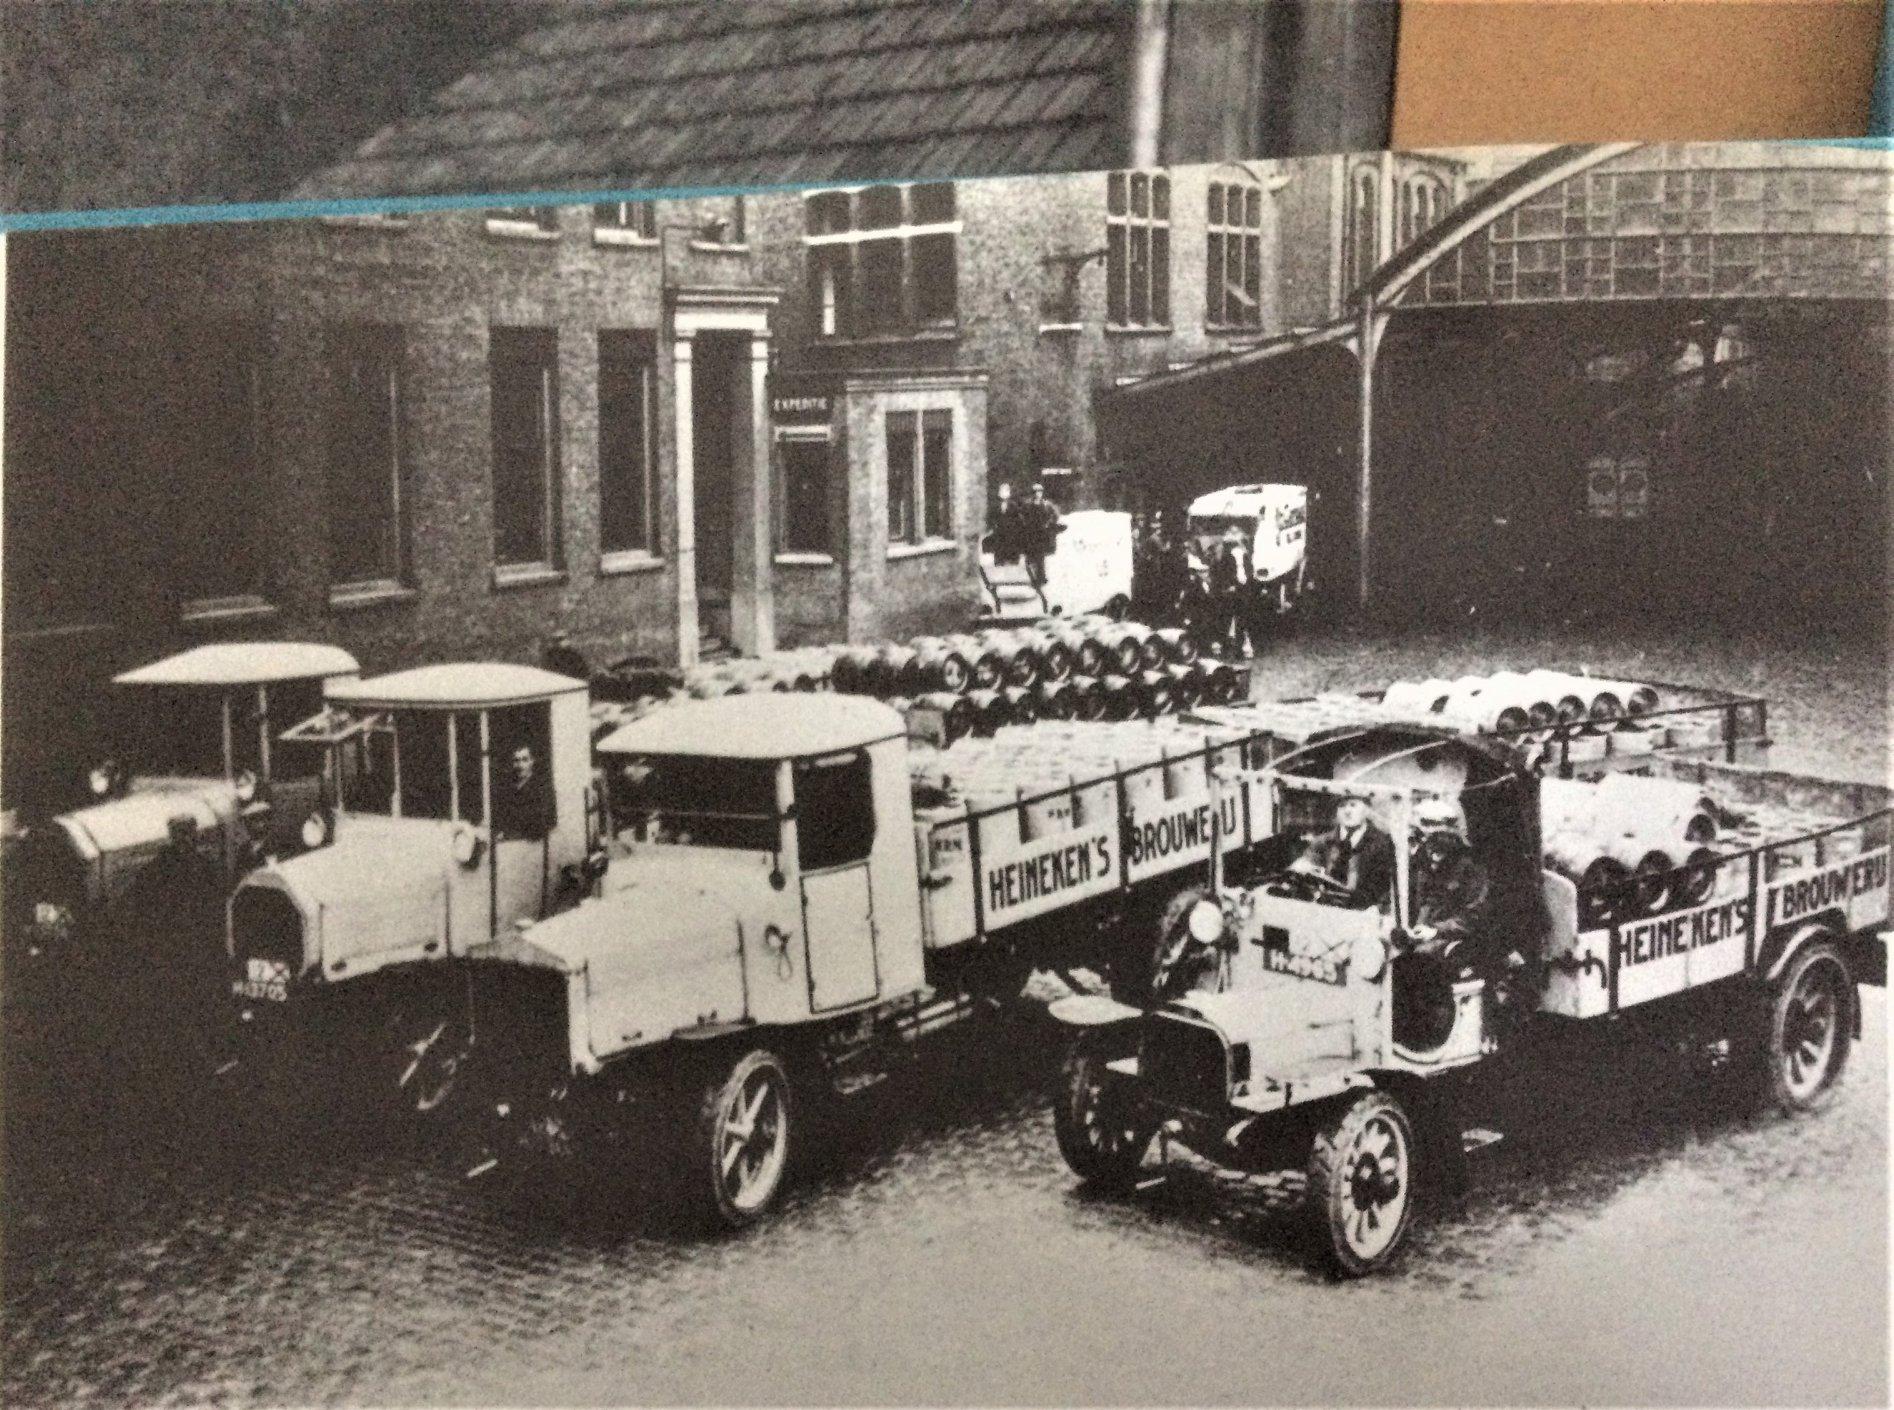 Daimlers--Bussings-en-Saurers-in-gebruik-foto-van-1920